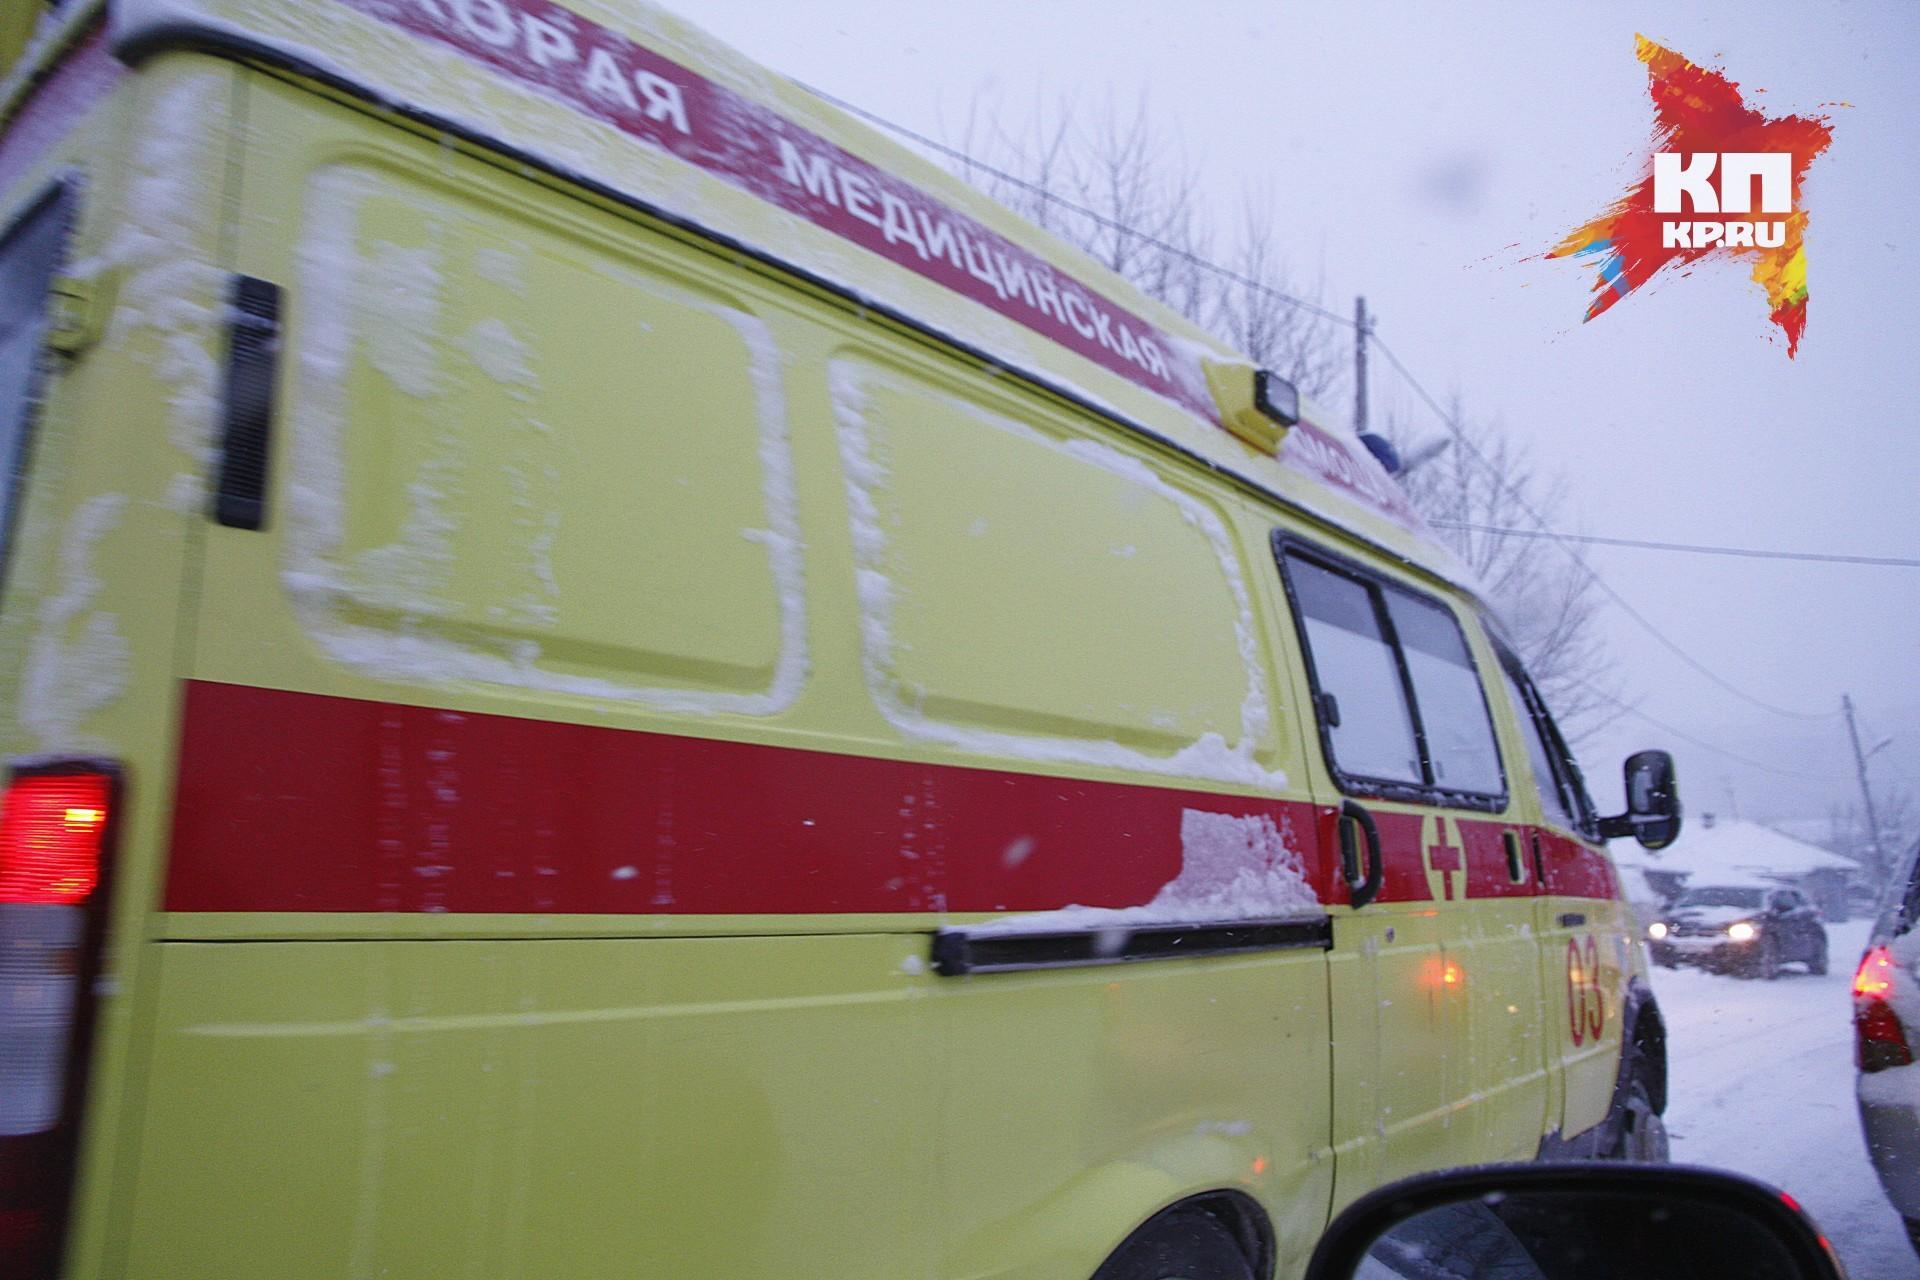 ВКрасноярском крае 14-летняя девочка погибла после катания нагорке